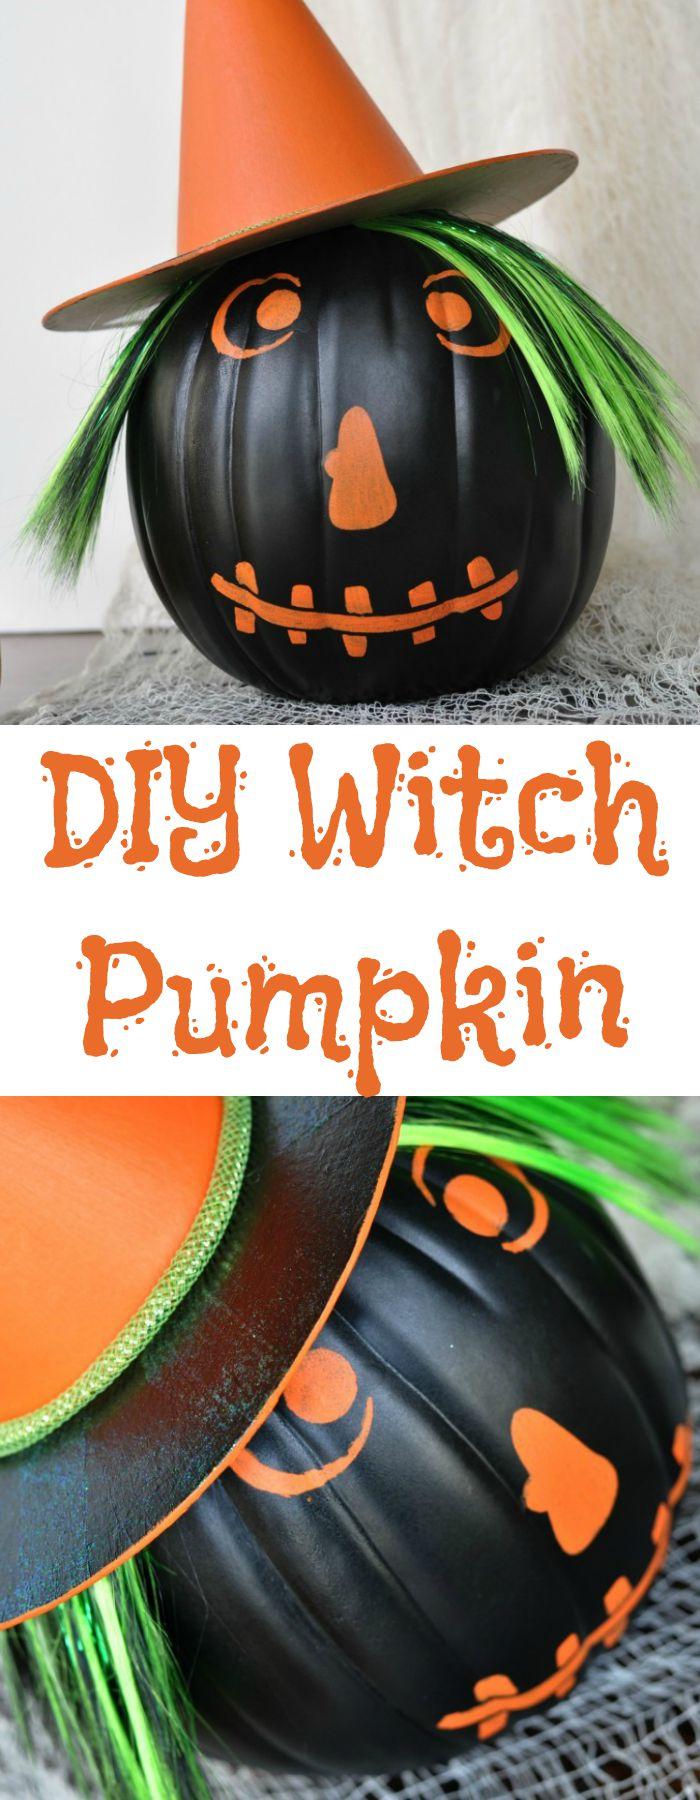 DIY Witch Pumpkin